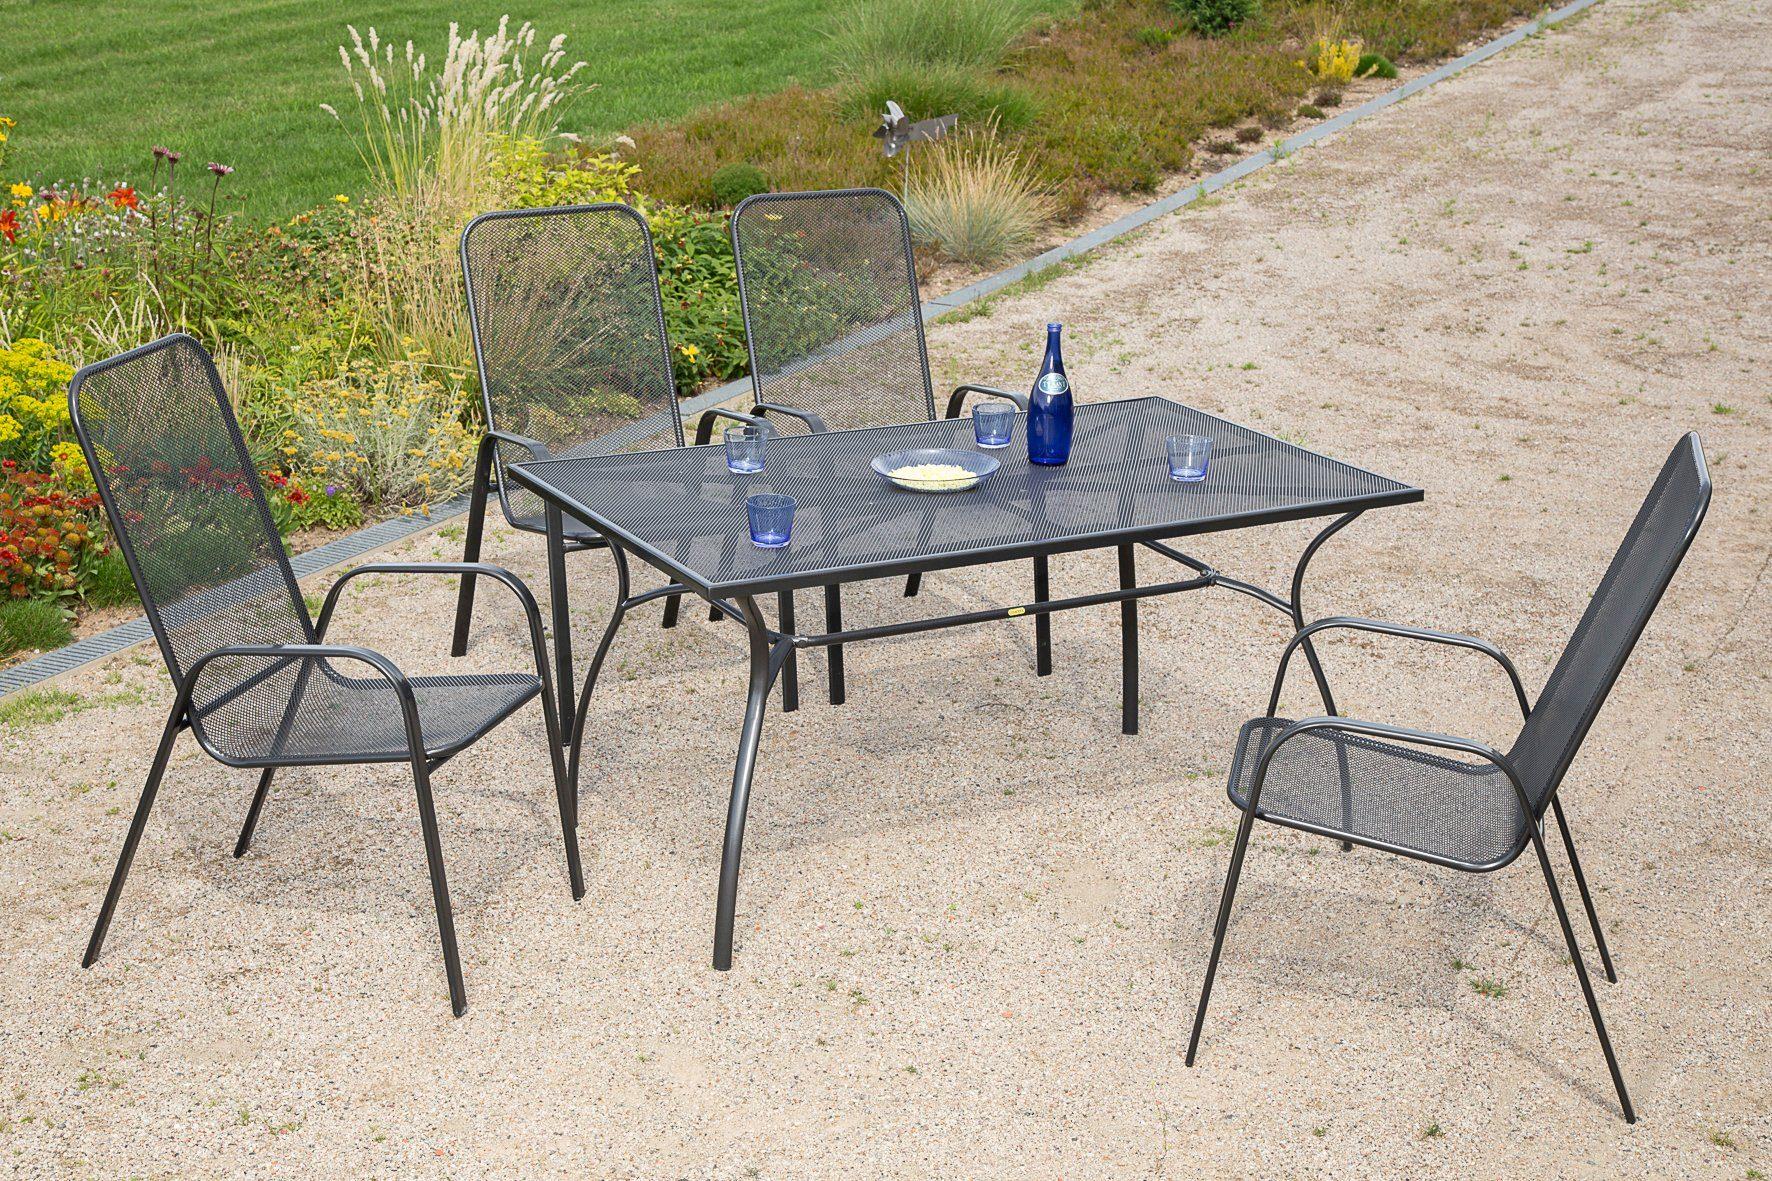 MERXX Gartenmöbelset »Paxos«, 5tlg., 4 Sessel, Tisch, stapelbar, Stahl